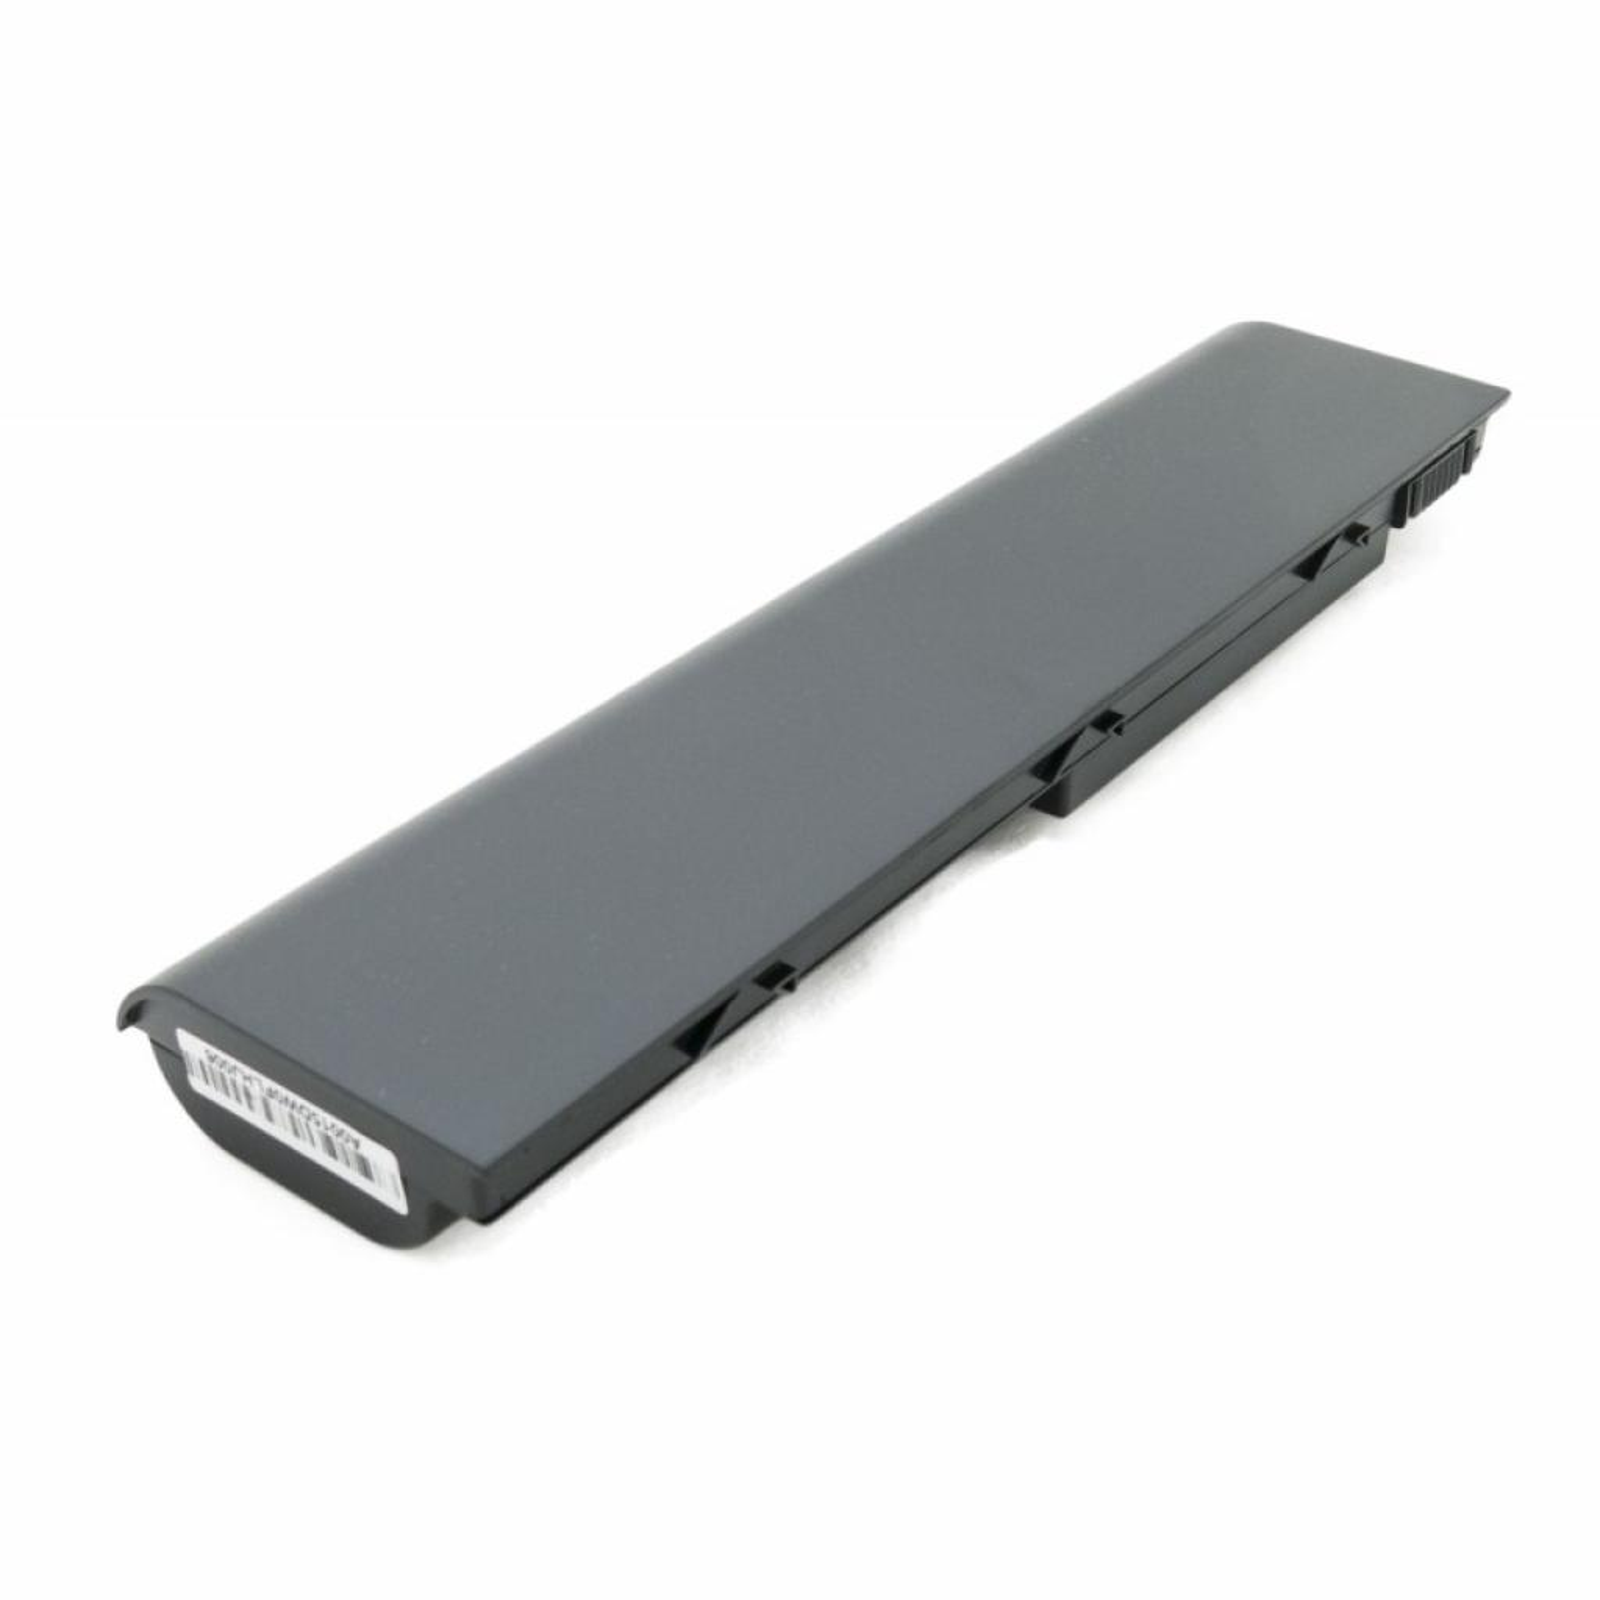 Аккумулятор для ноутбука HP Pavilion dv1000 (HSTNN-UB17) 5200 mAh EXTRADIGITAL (BNH3943) изображение 3